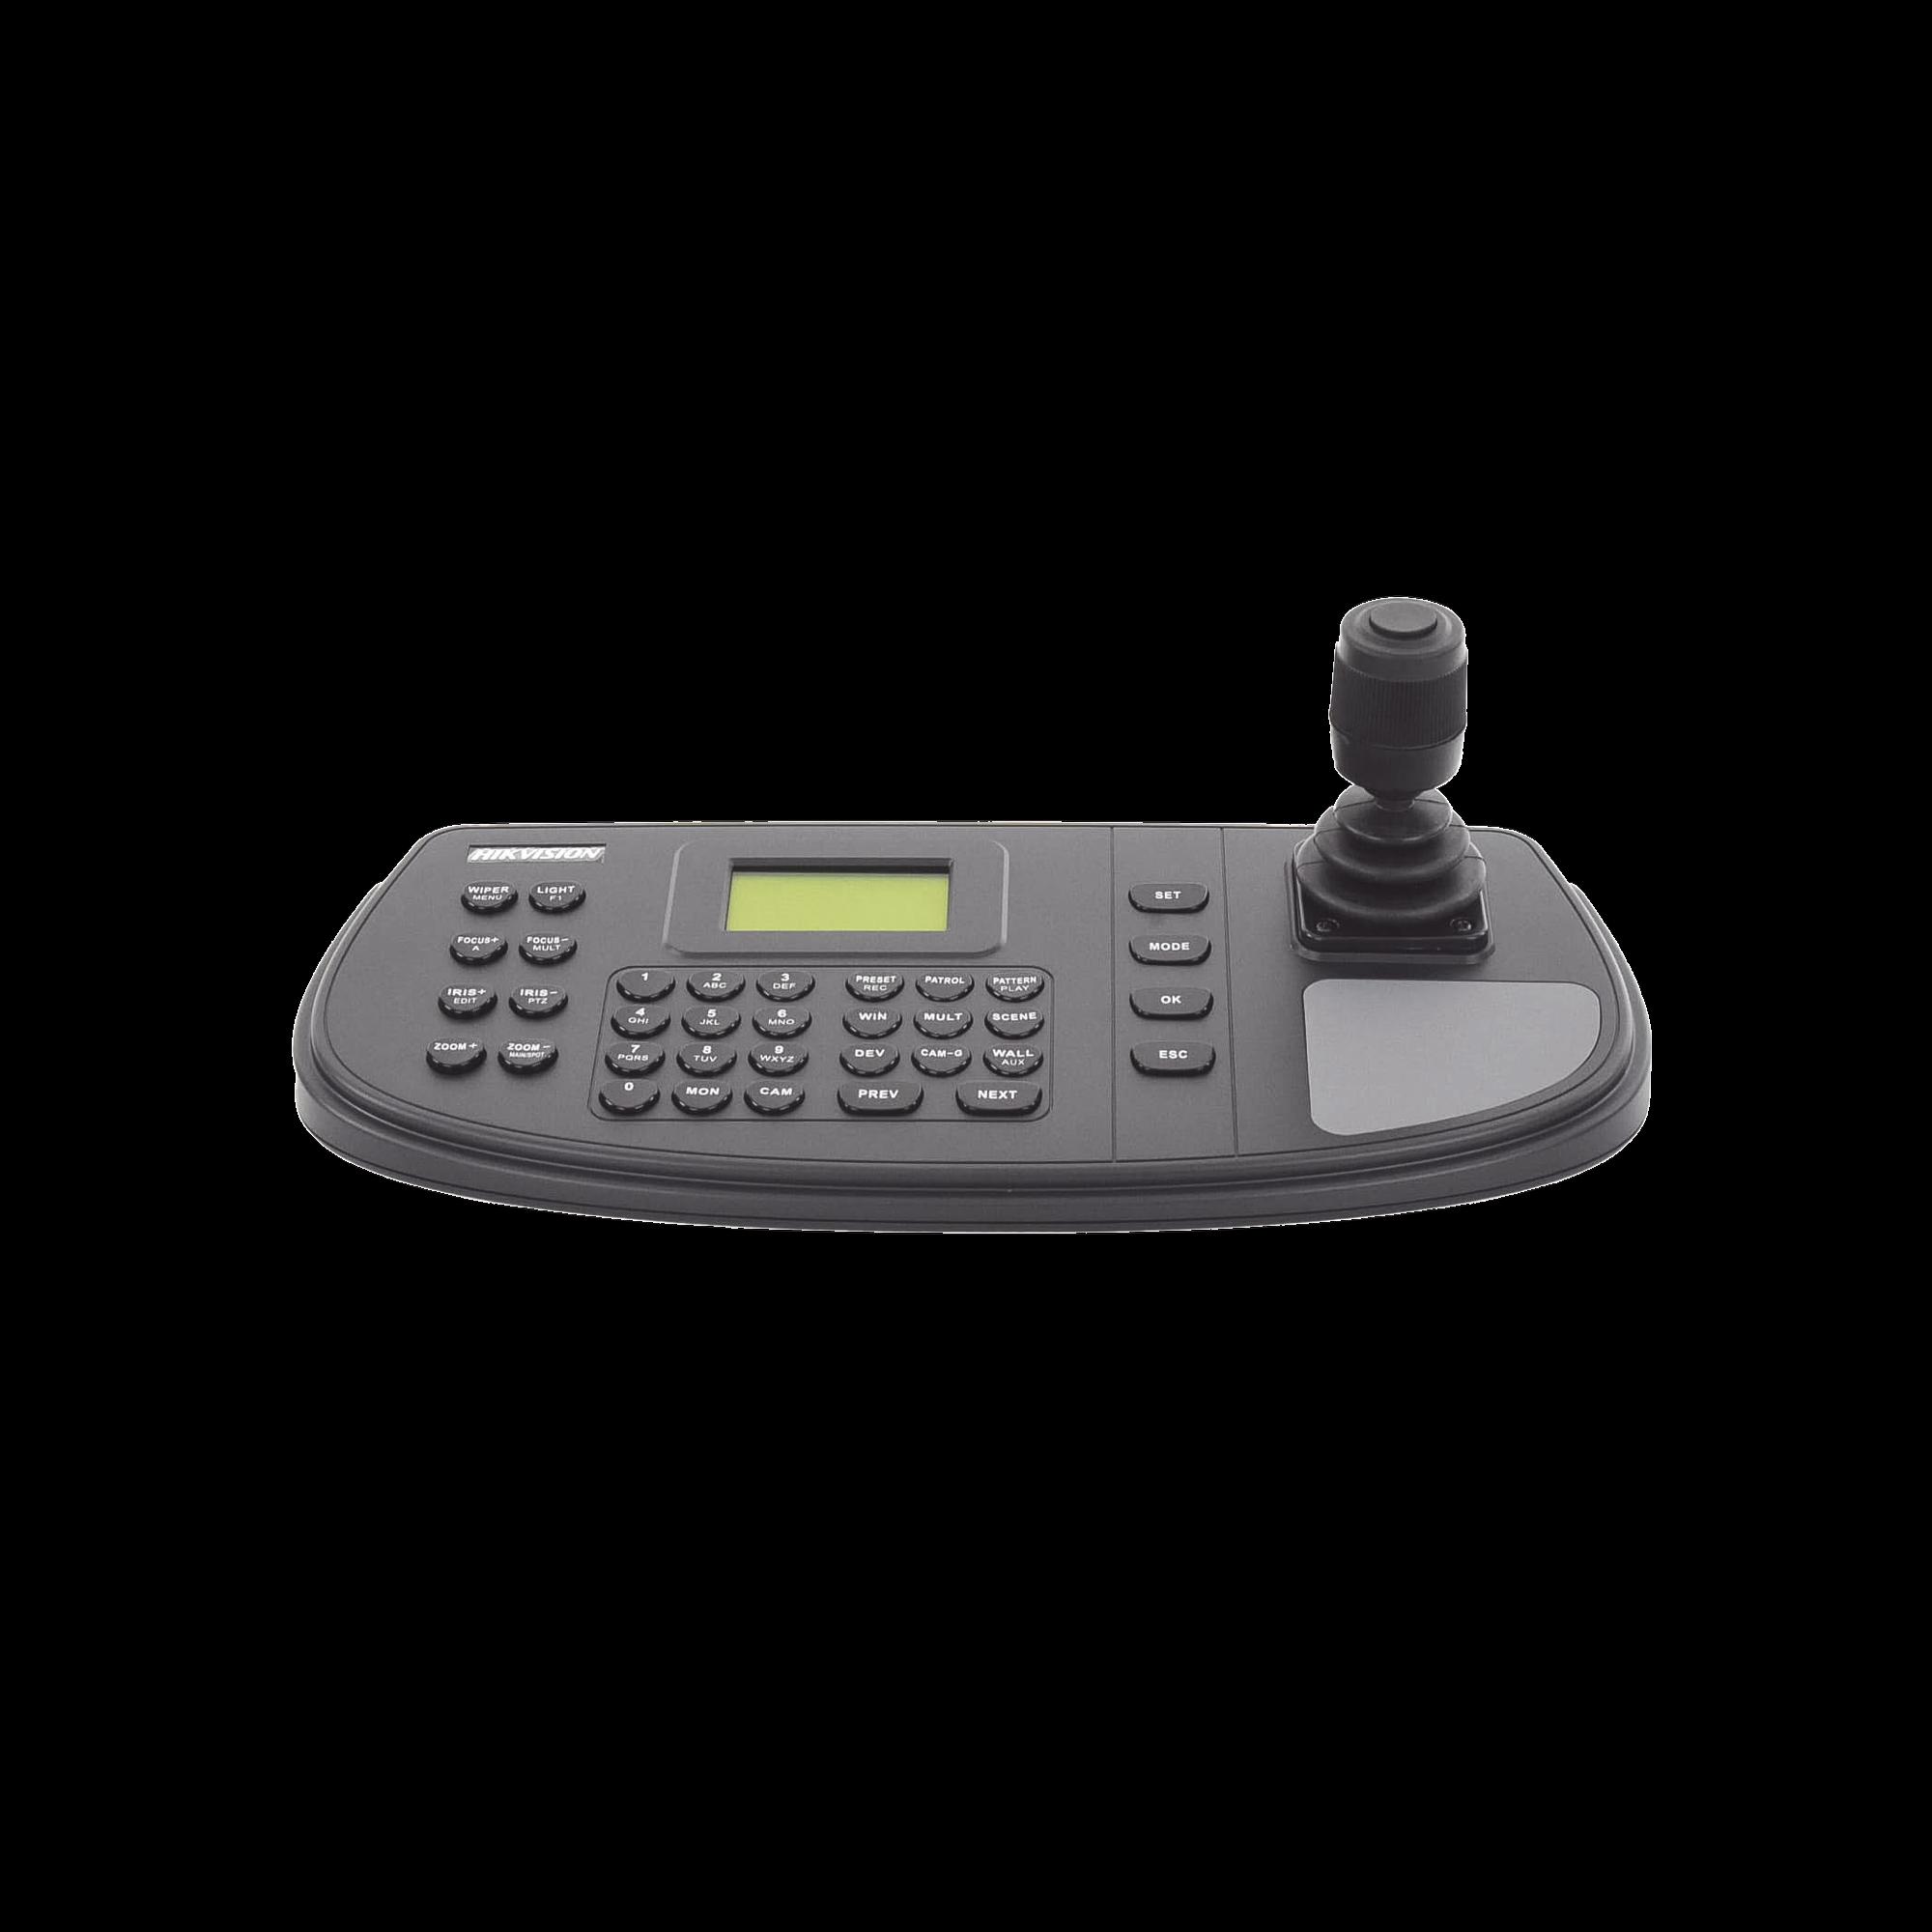 Controlador Analógico para DVR`s, Domos PTZ TURBO y Analogicos  y PTZ epcom/HIKVISION por RS485